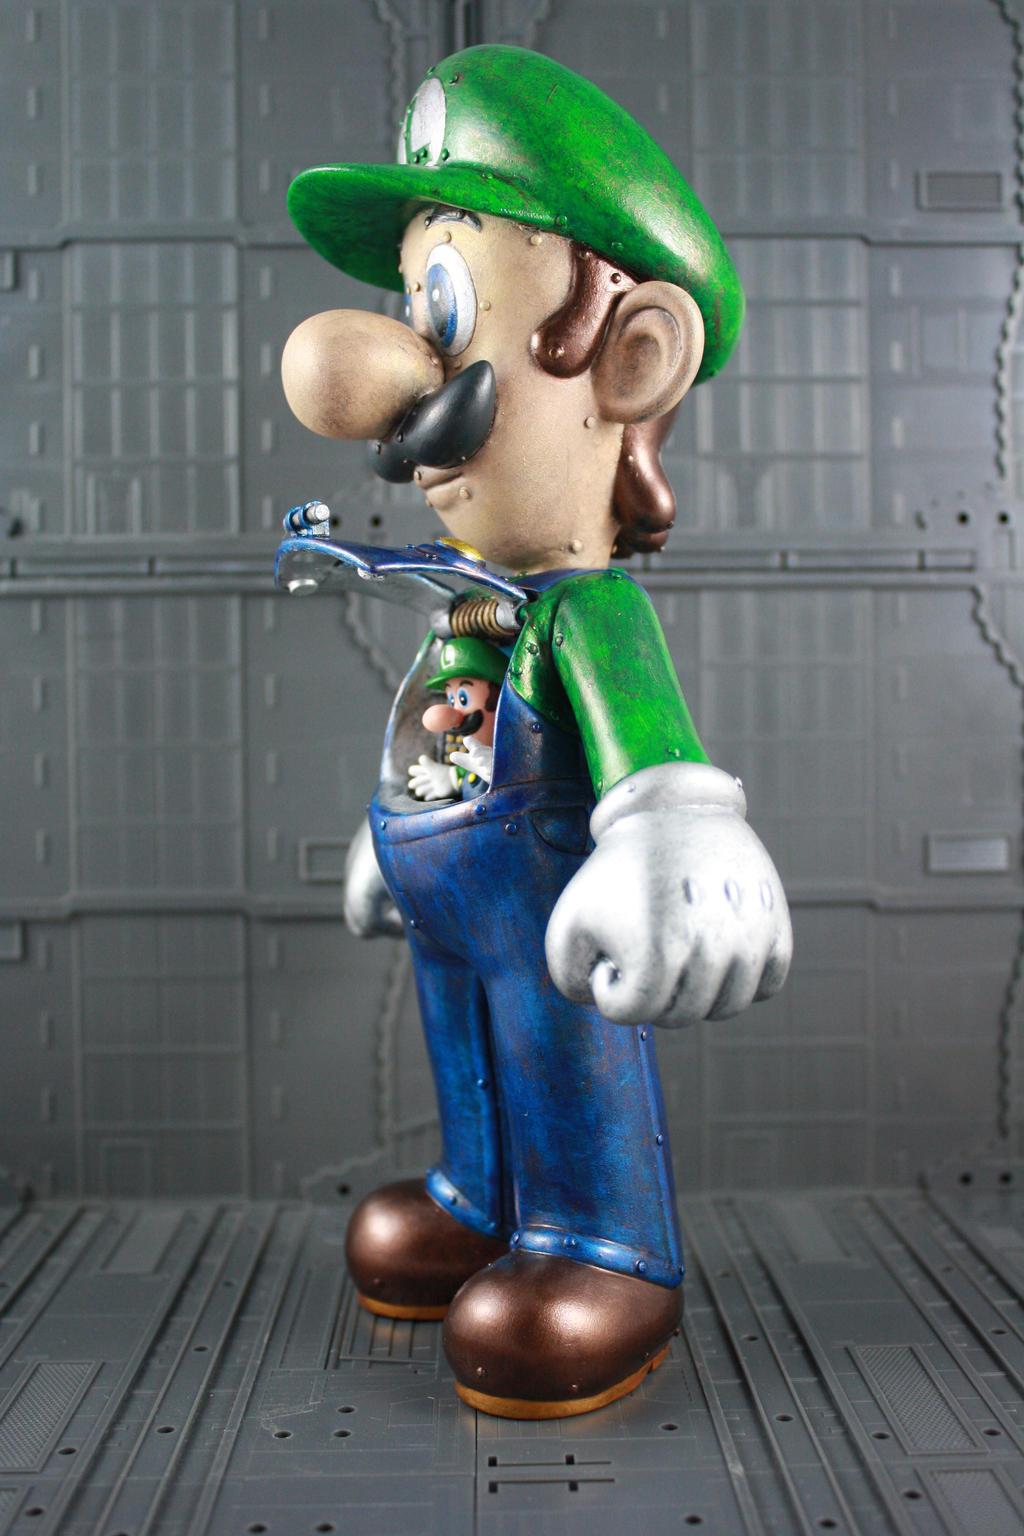 Luigi Mech Figure by kodykoaal